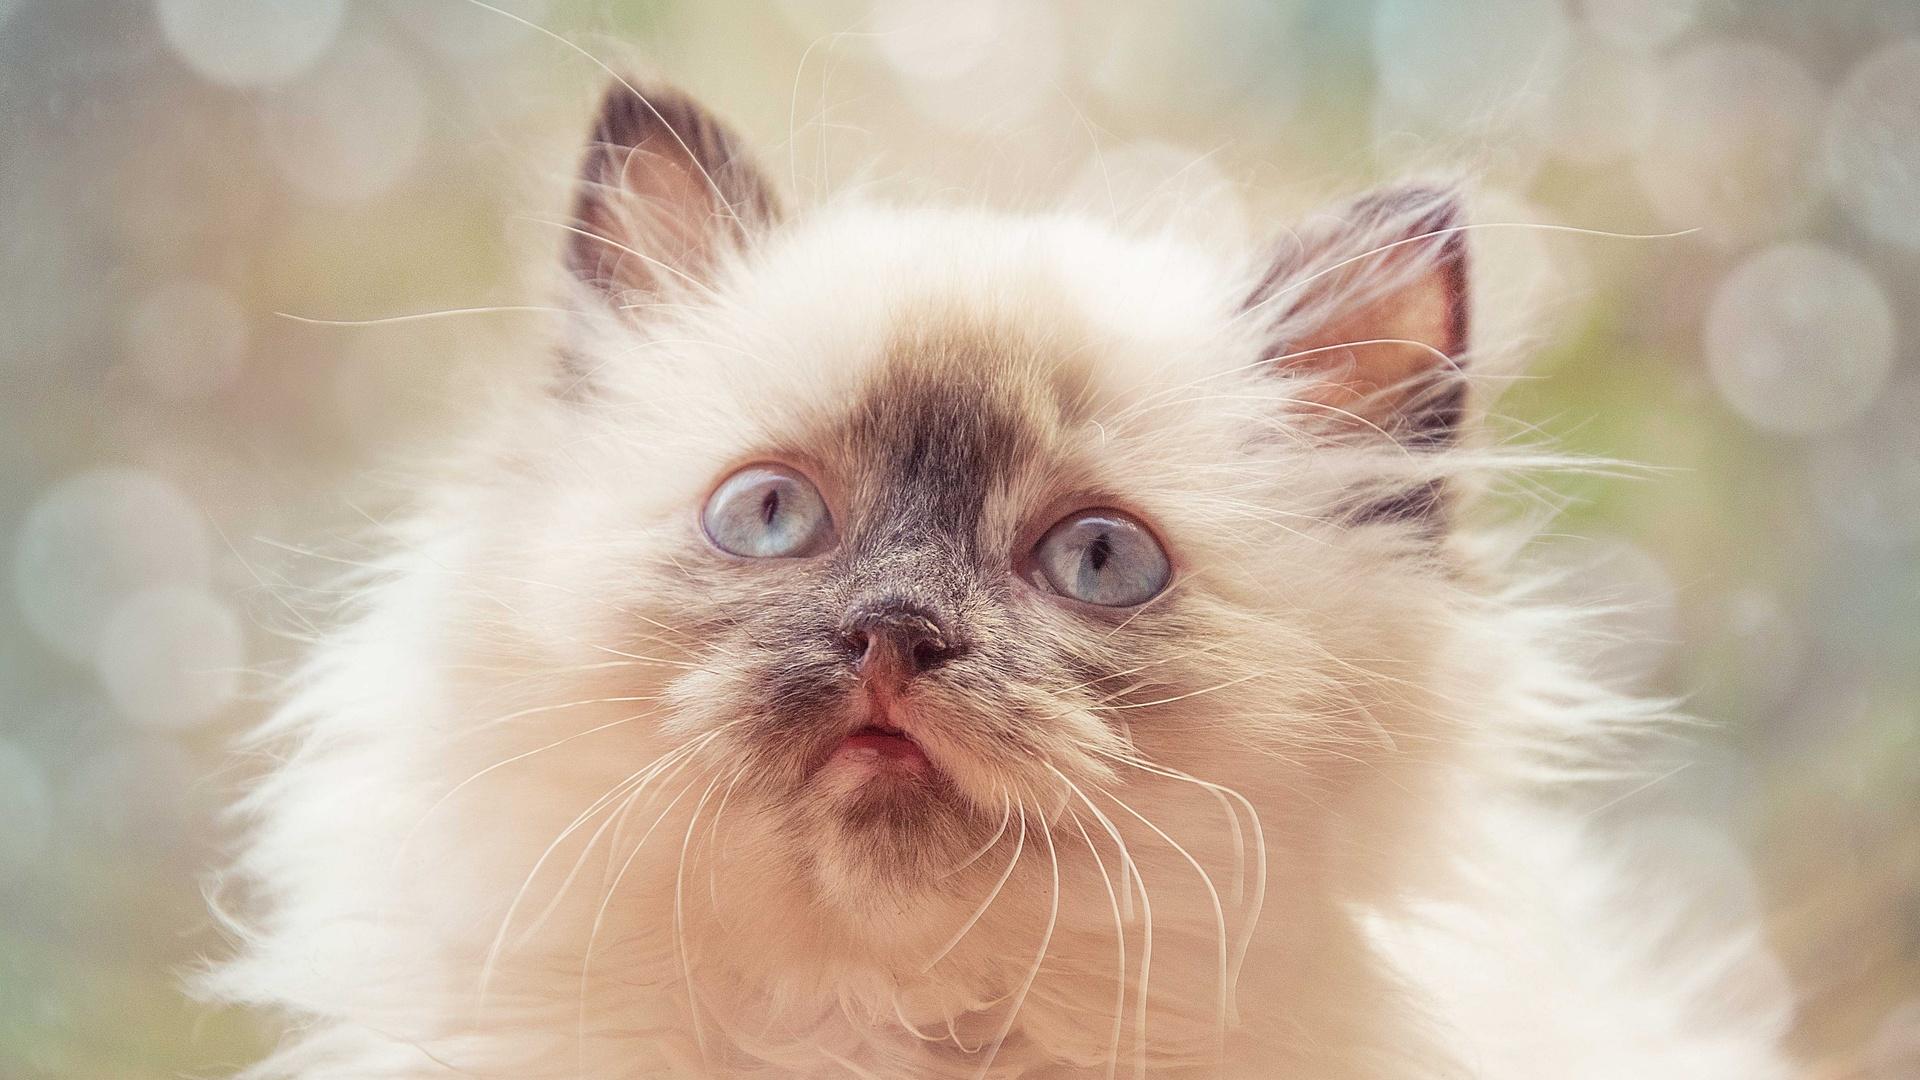 кот, пушистый, усы, шерсть, взгляд